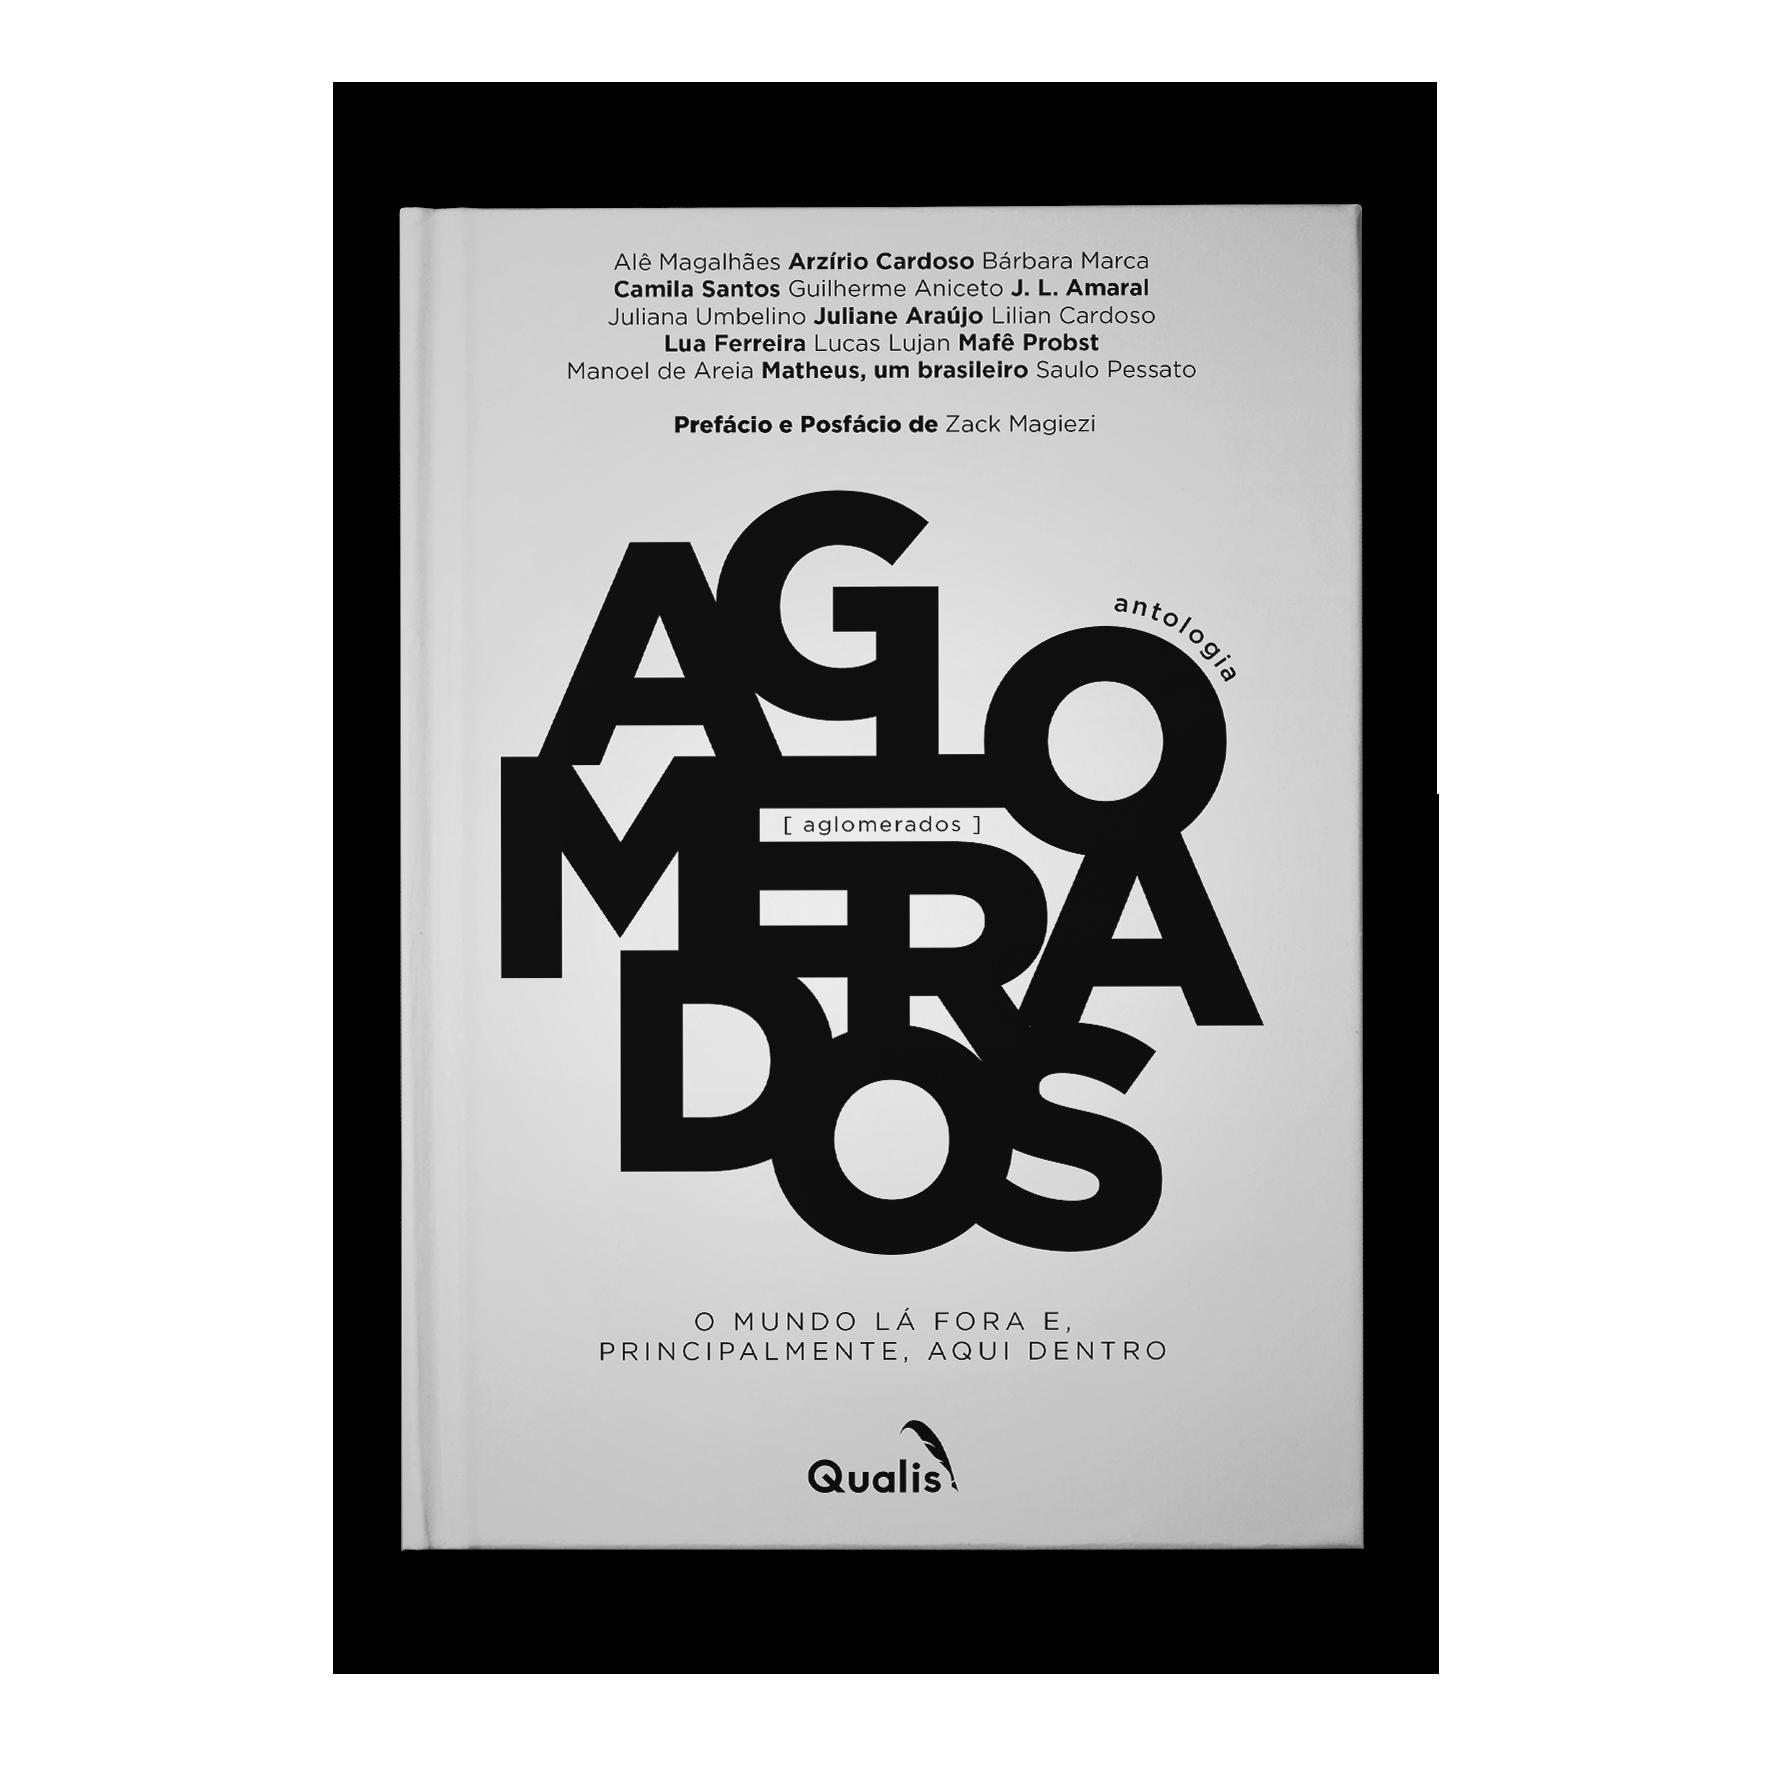 Aglomerados – Autores diversos